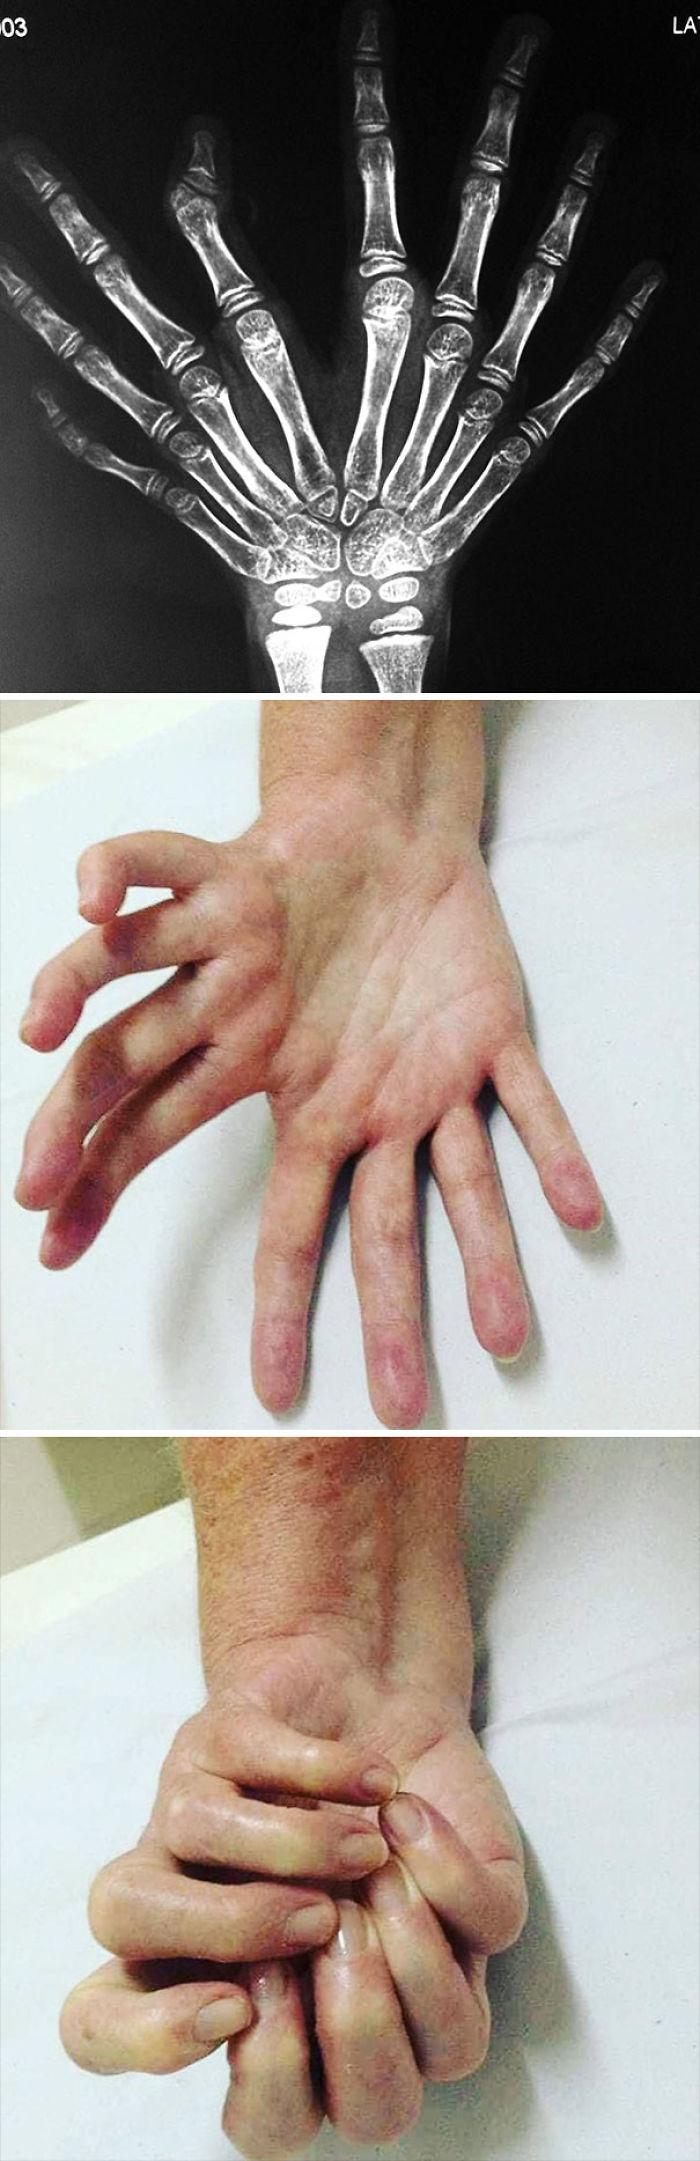 Síndrome de mano en espejo